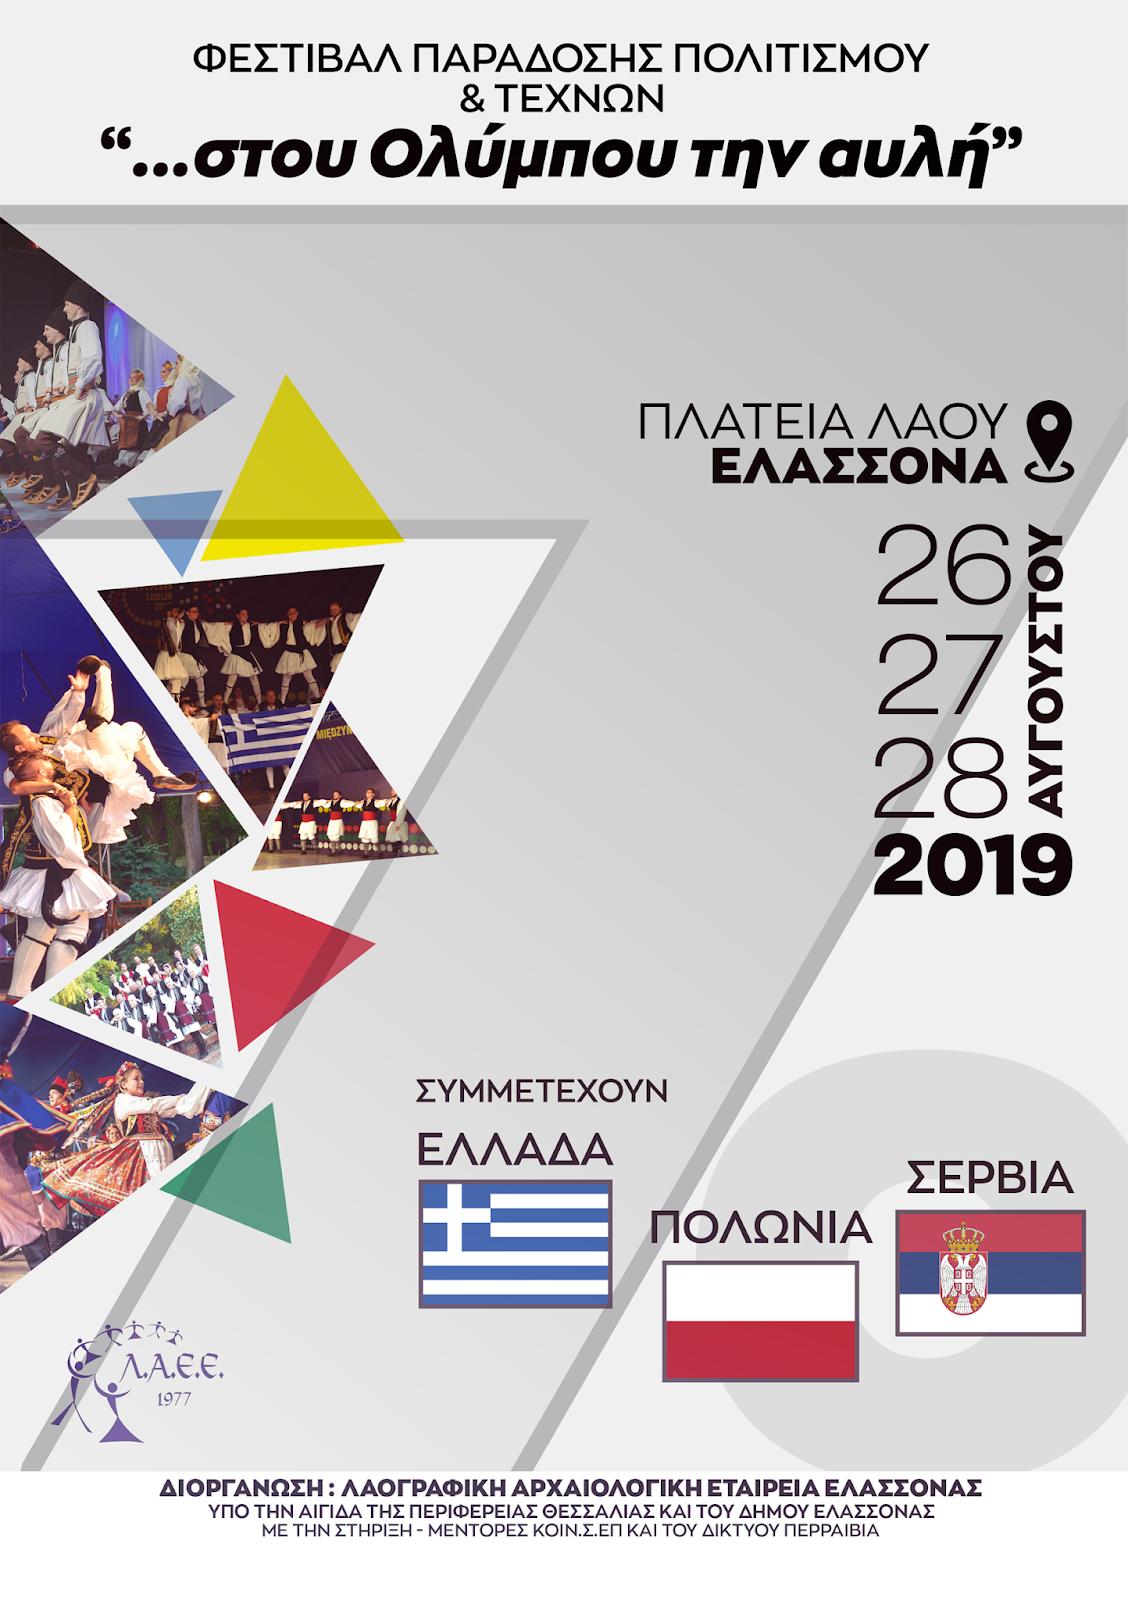 """7ο Φεστιβάλ Παράδοσης Πολιτισμού & Τεχνών """"...στου Ολύμπου την αυλή"""" στην Ελασσόνα"""